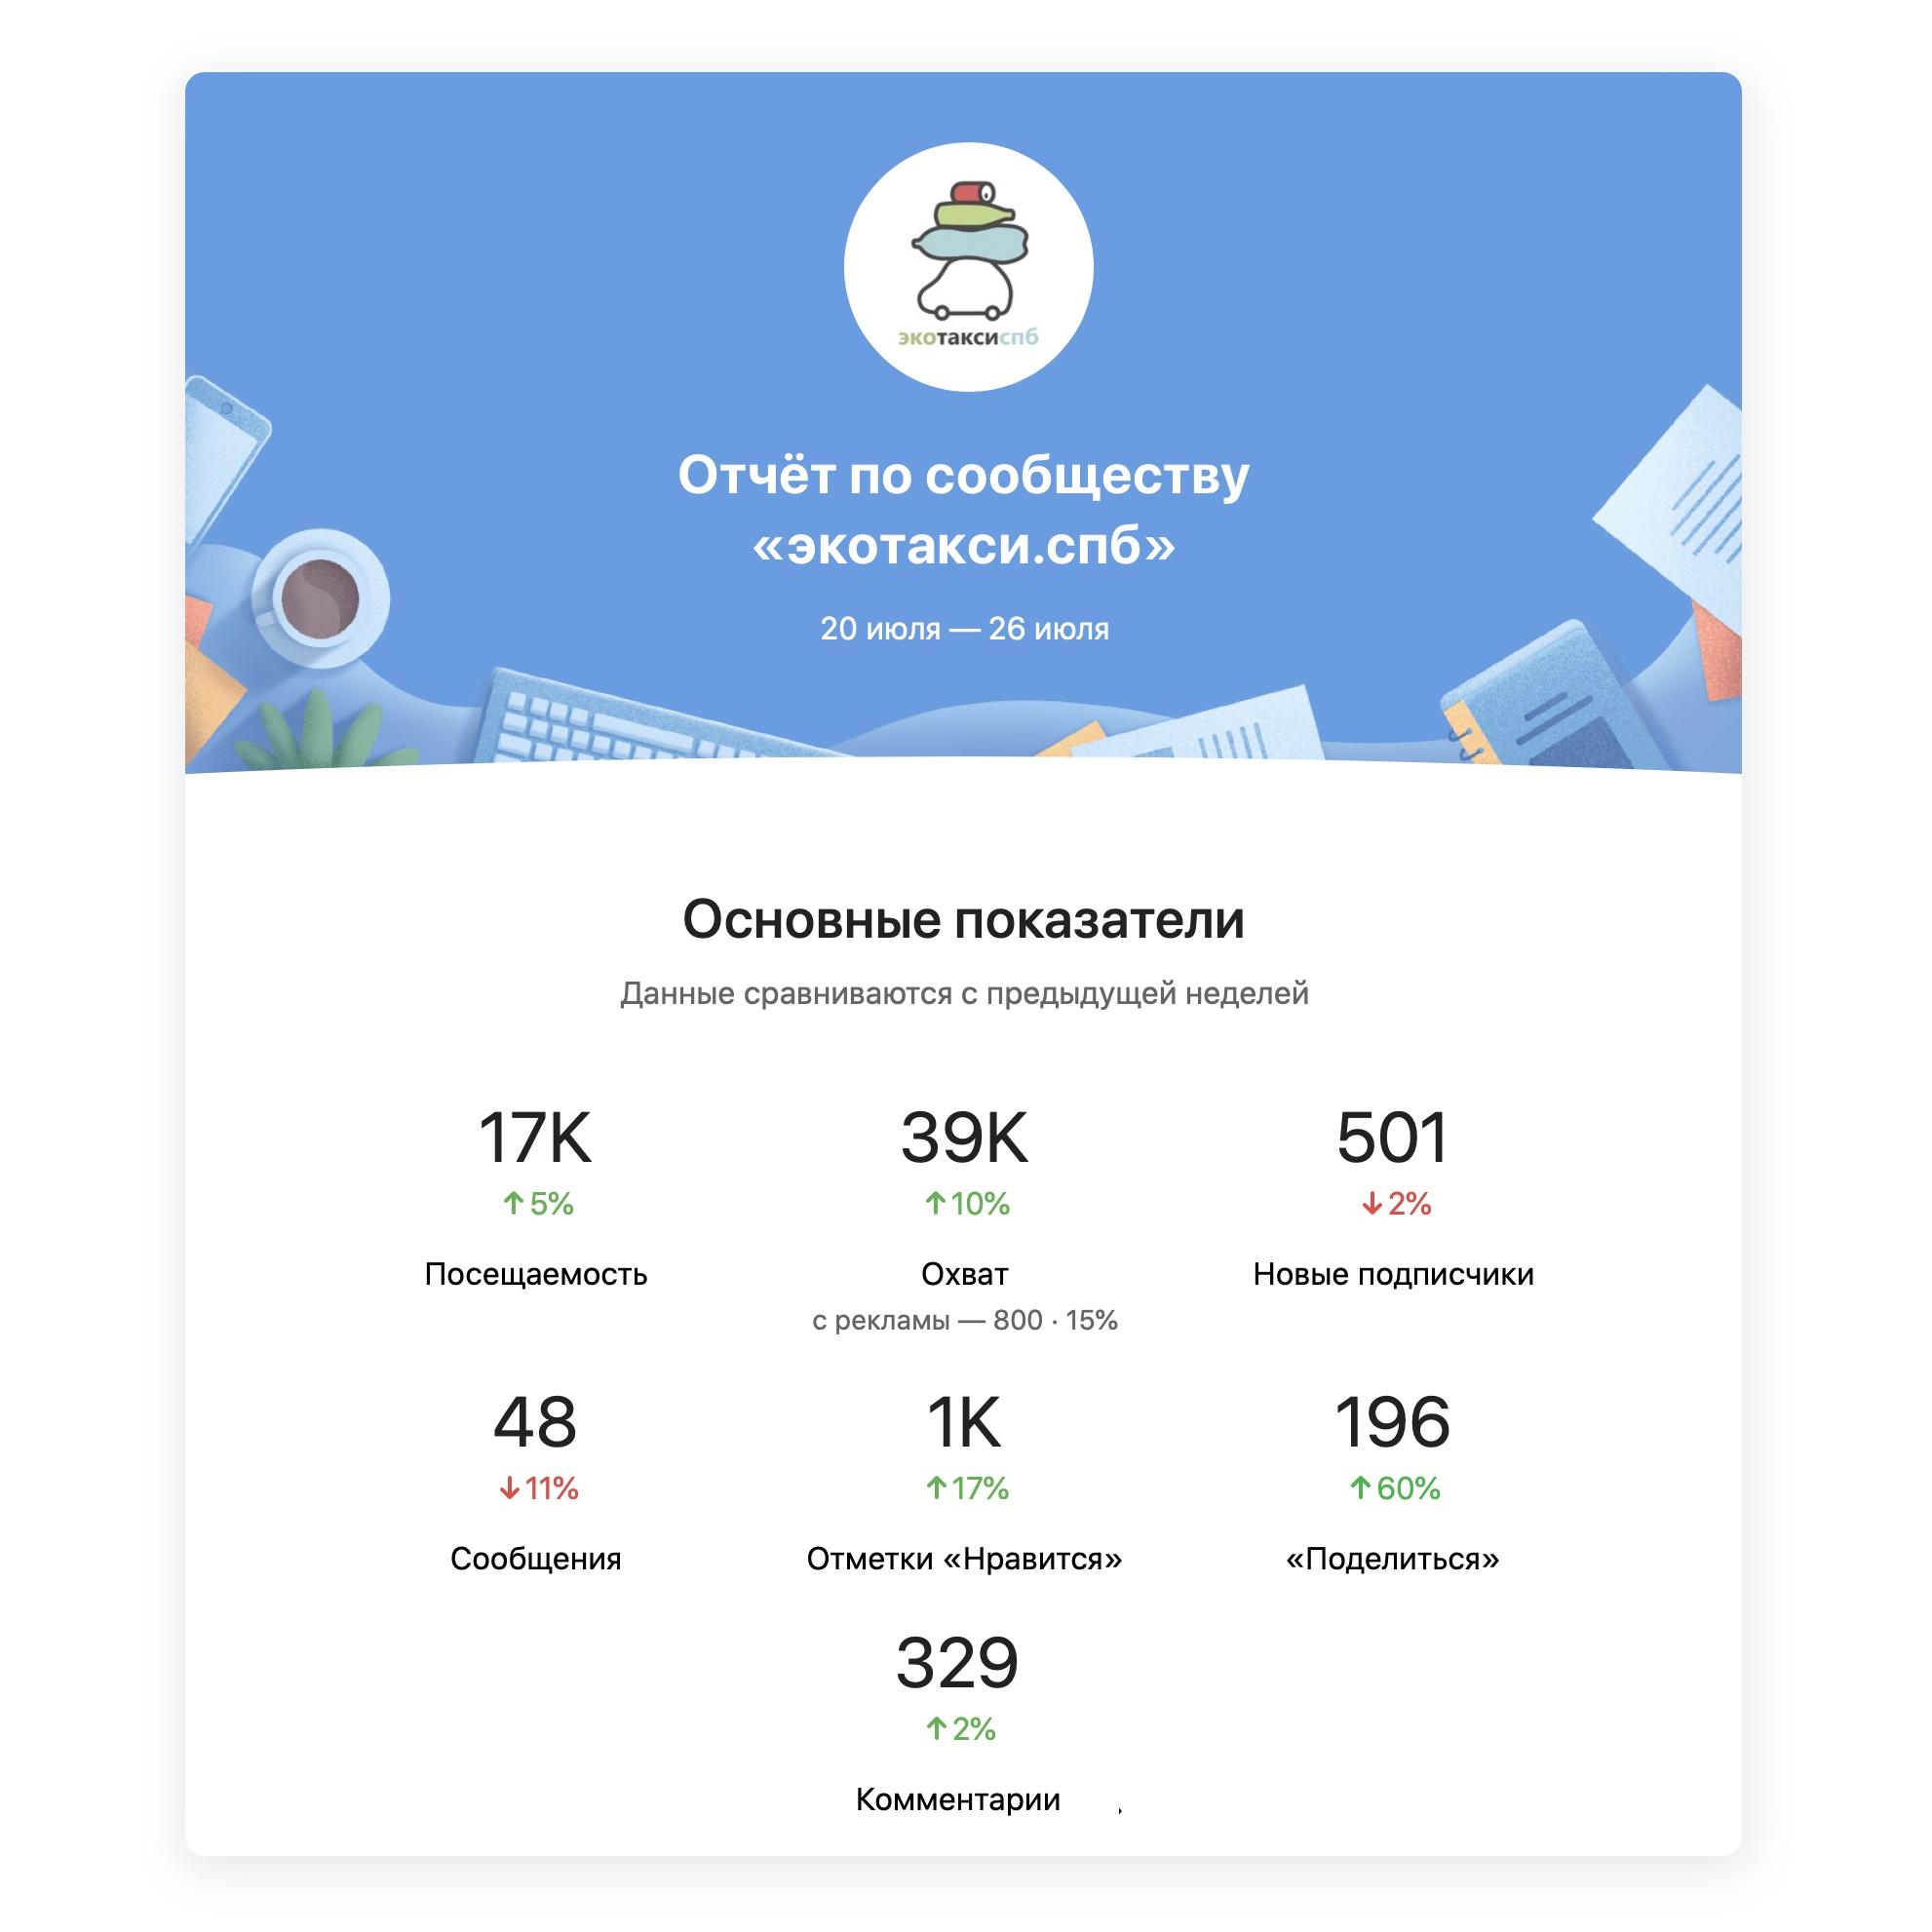 «ВКонтакте» запускает автоматические отчёты со статистикой работы сообществ, отправляемые на еженедельной основе